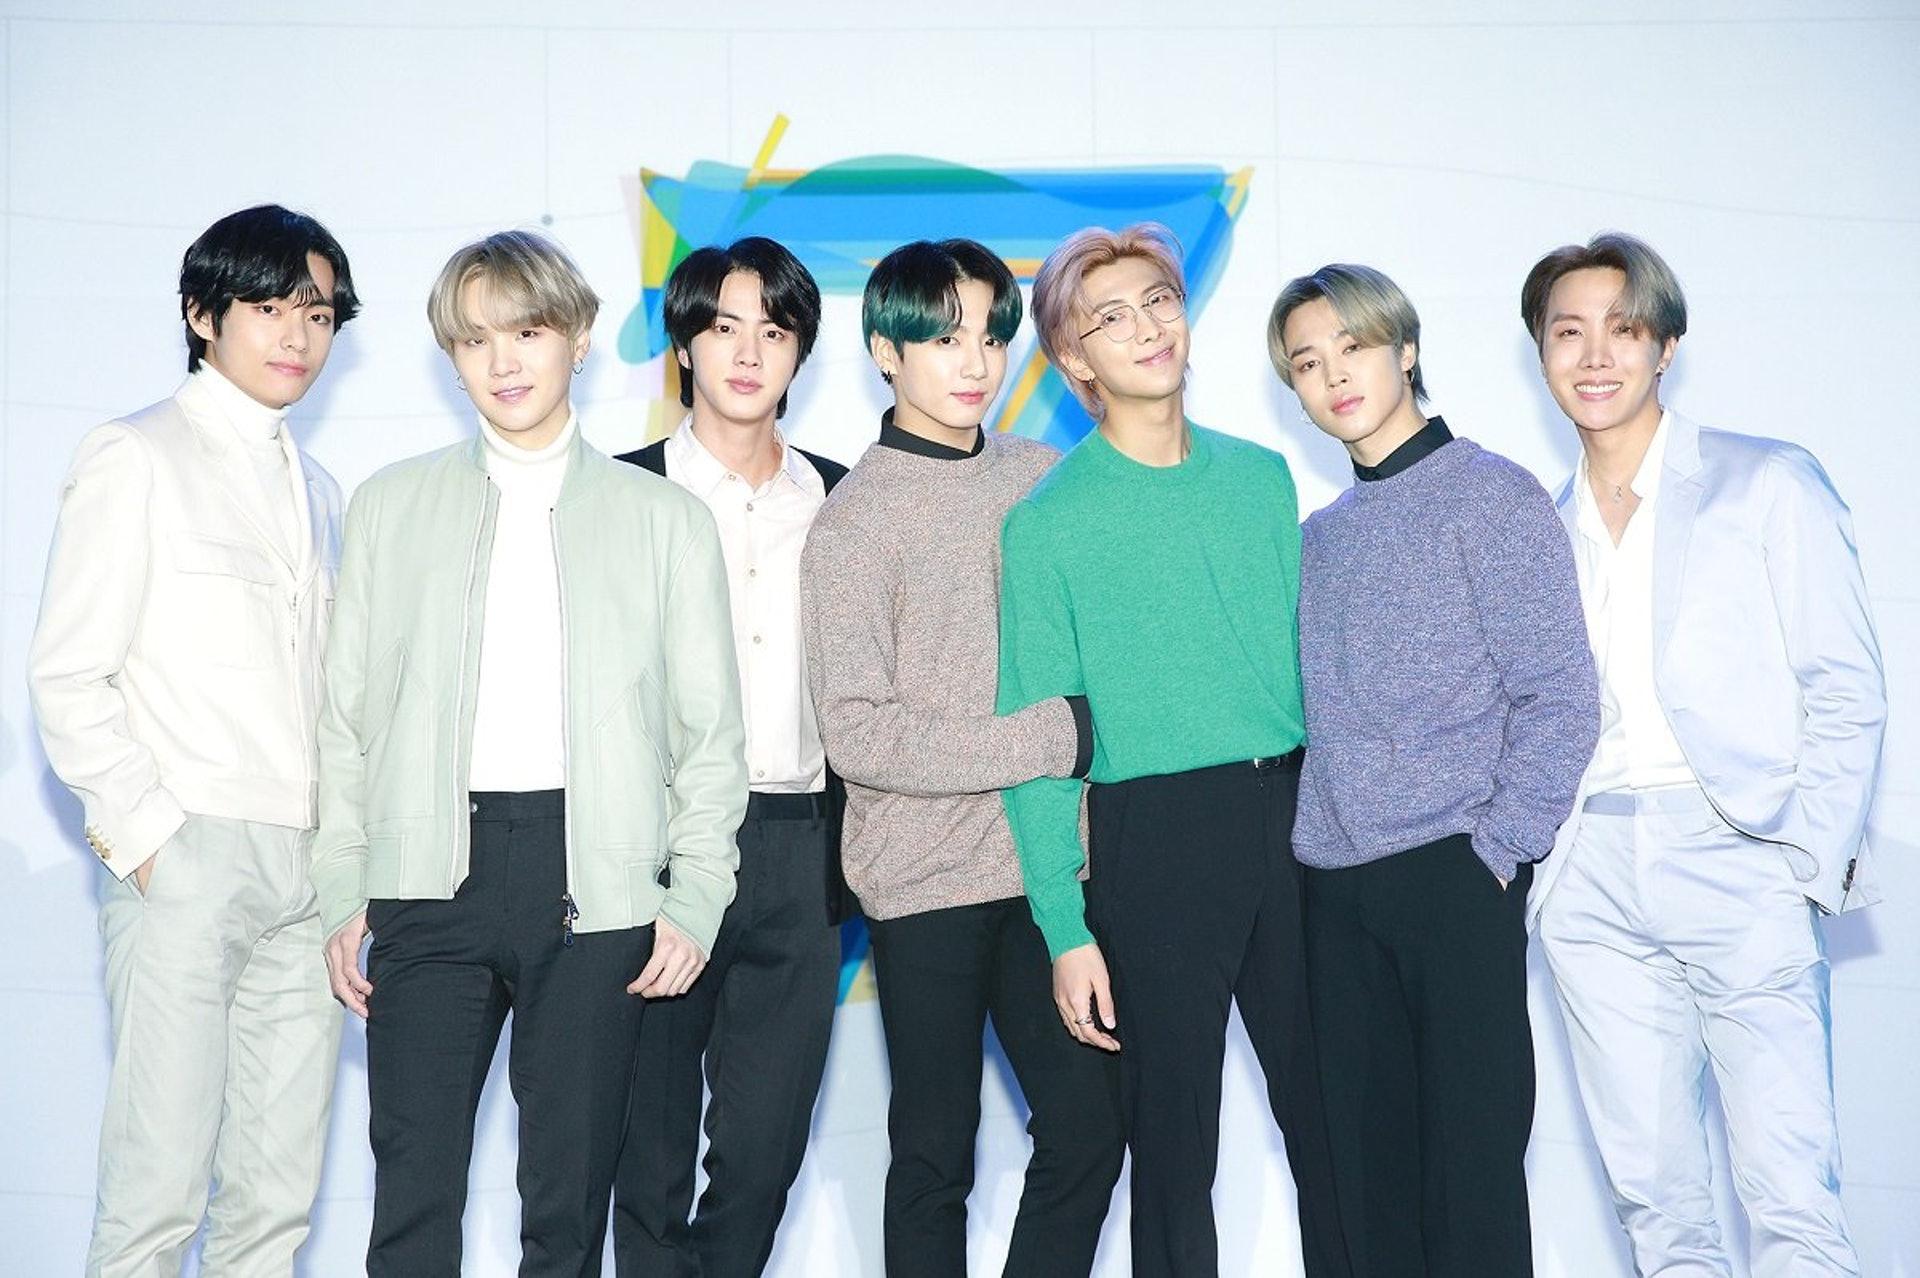 âm nhạc Hàn Quốc được phổ biến rộng rãi với BTS